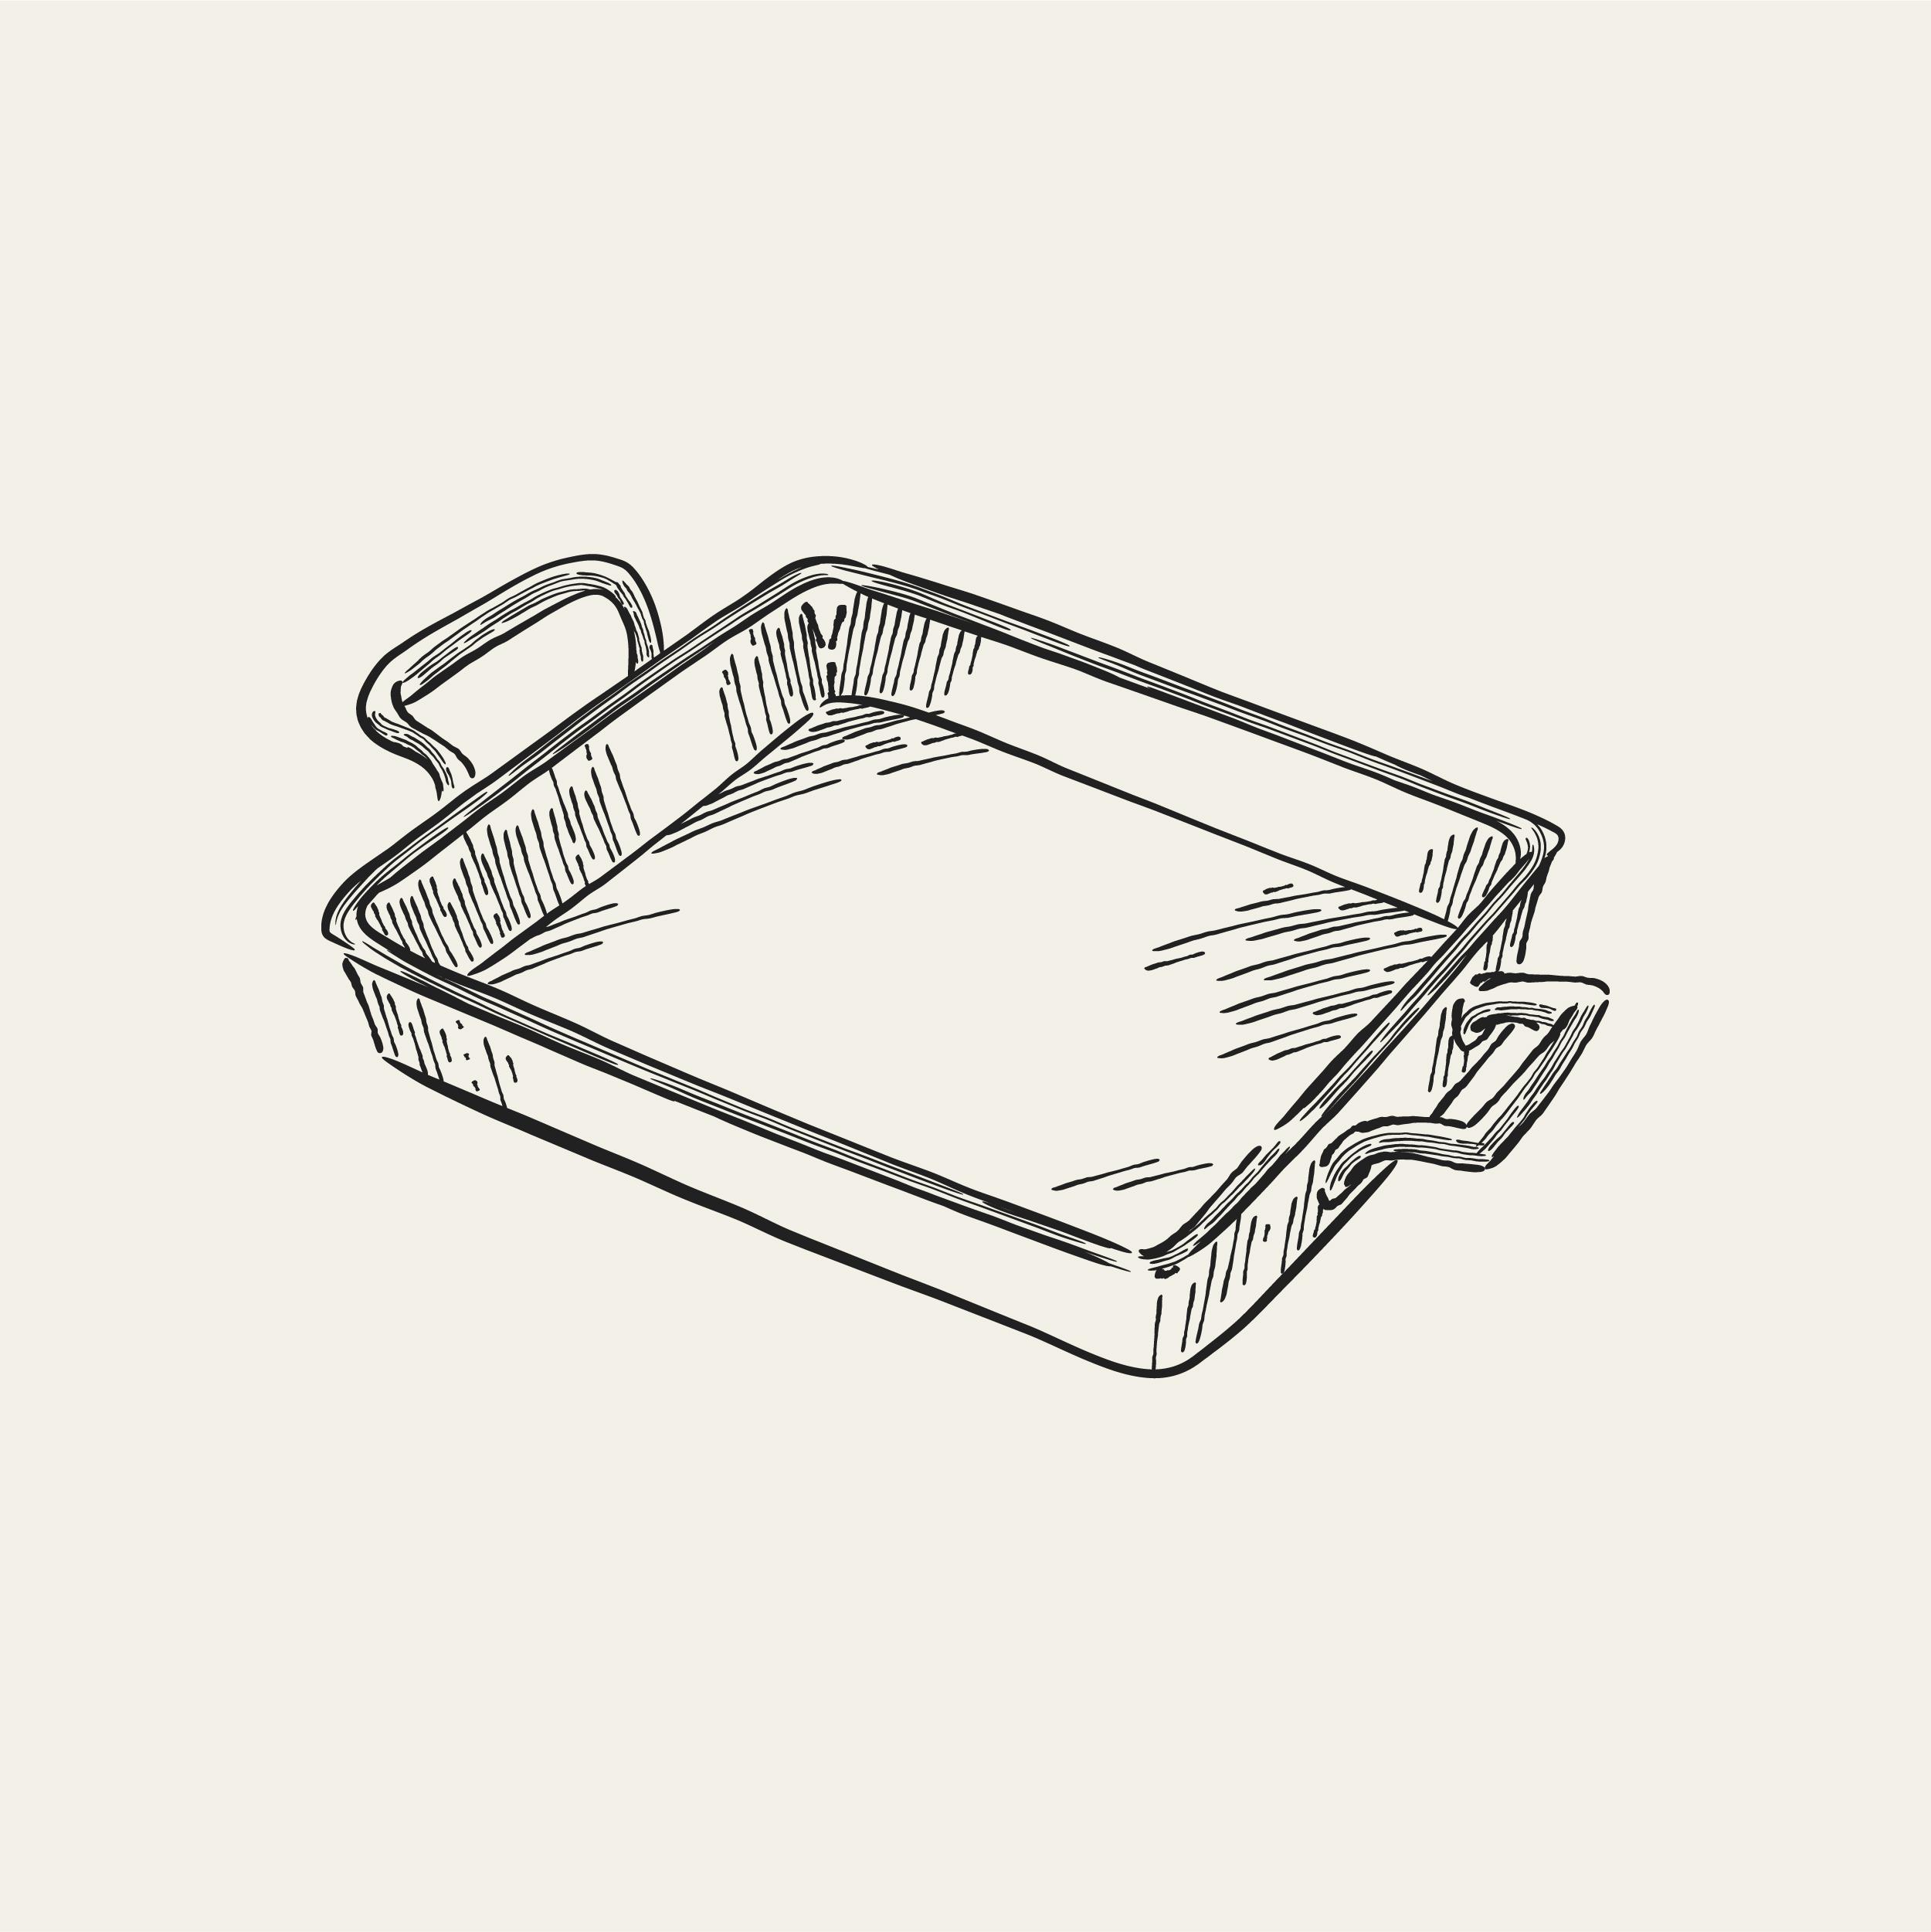 Baking Tray Free Vector Art